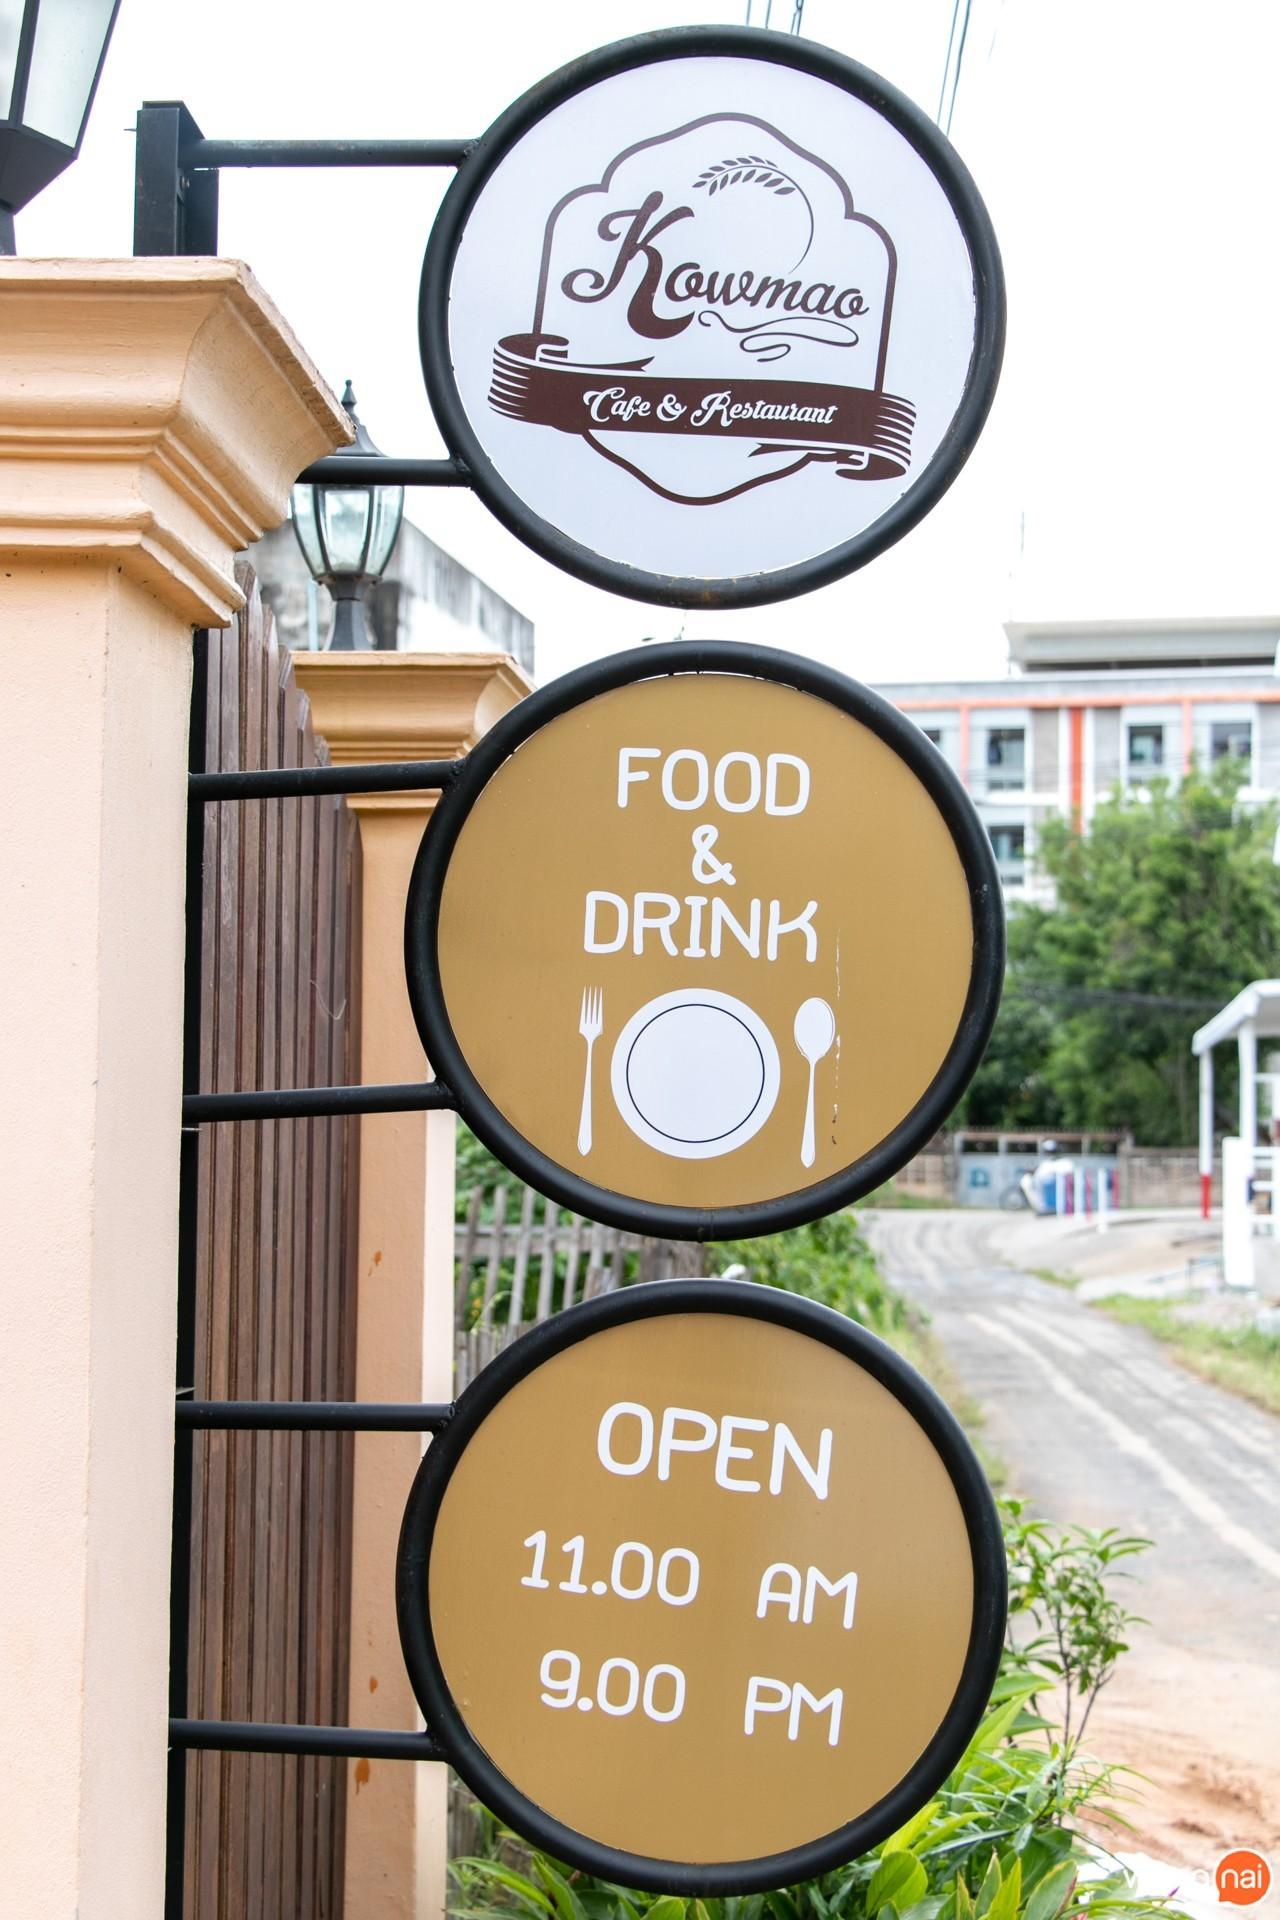 บรรยากาศร้าน ข้าวเม่า เชียงใหม่ Kowmao Cafe & Restaurant เชียงใหม่